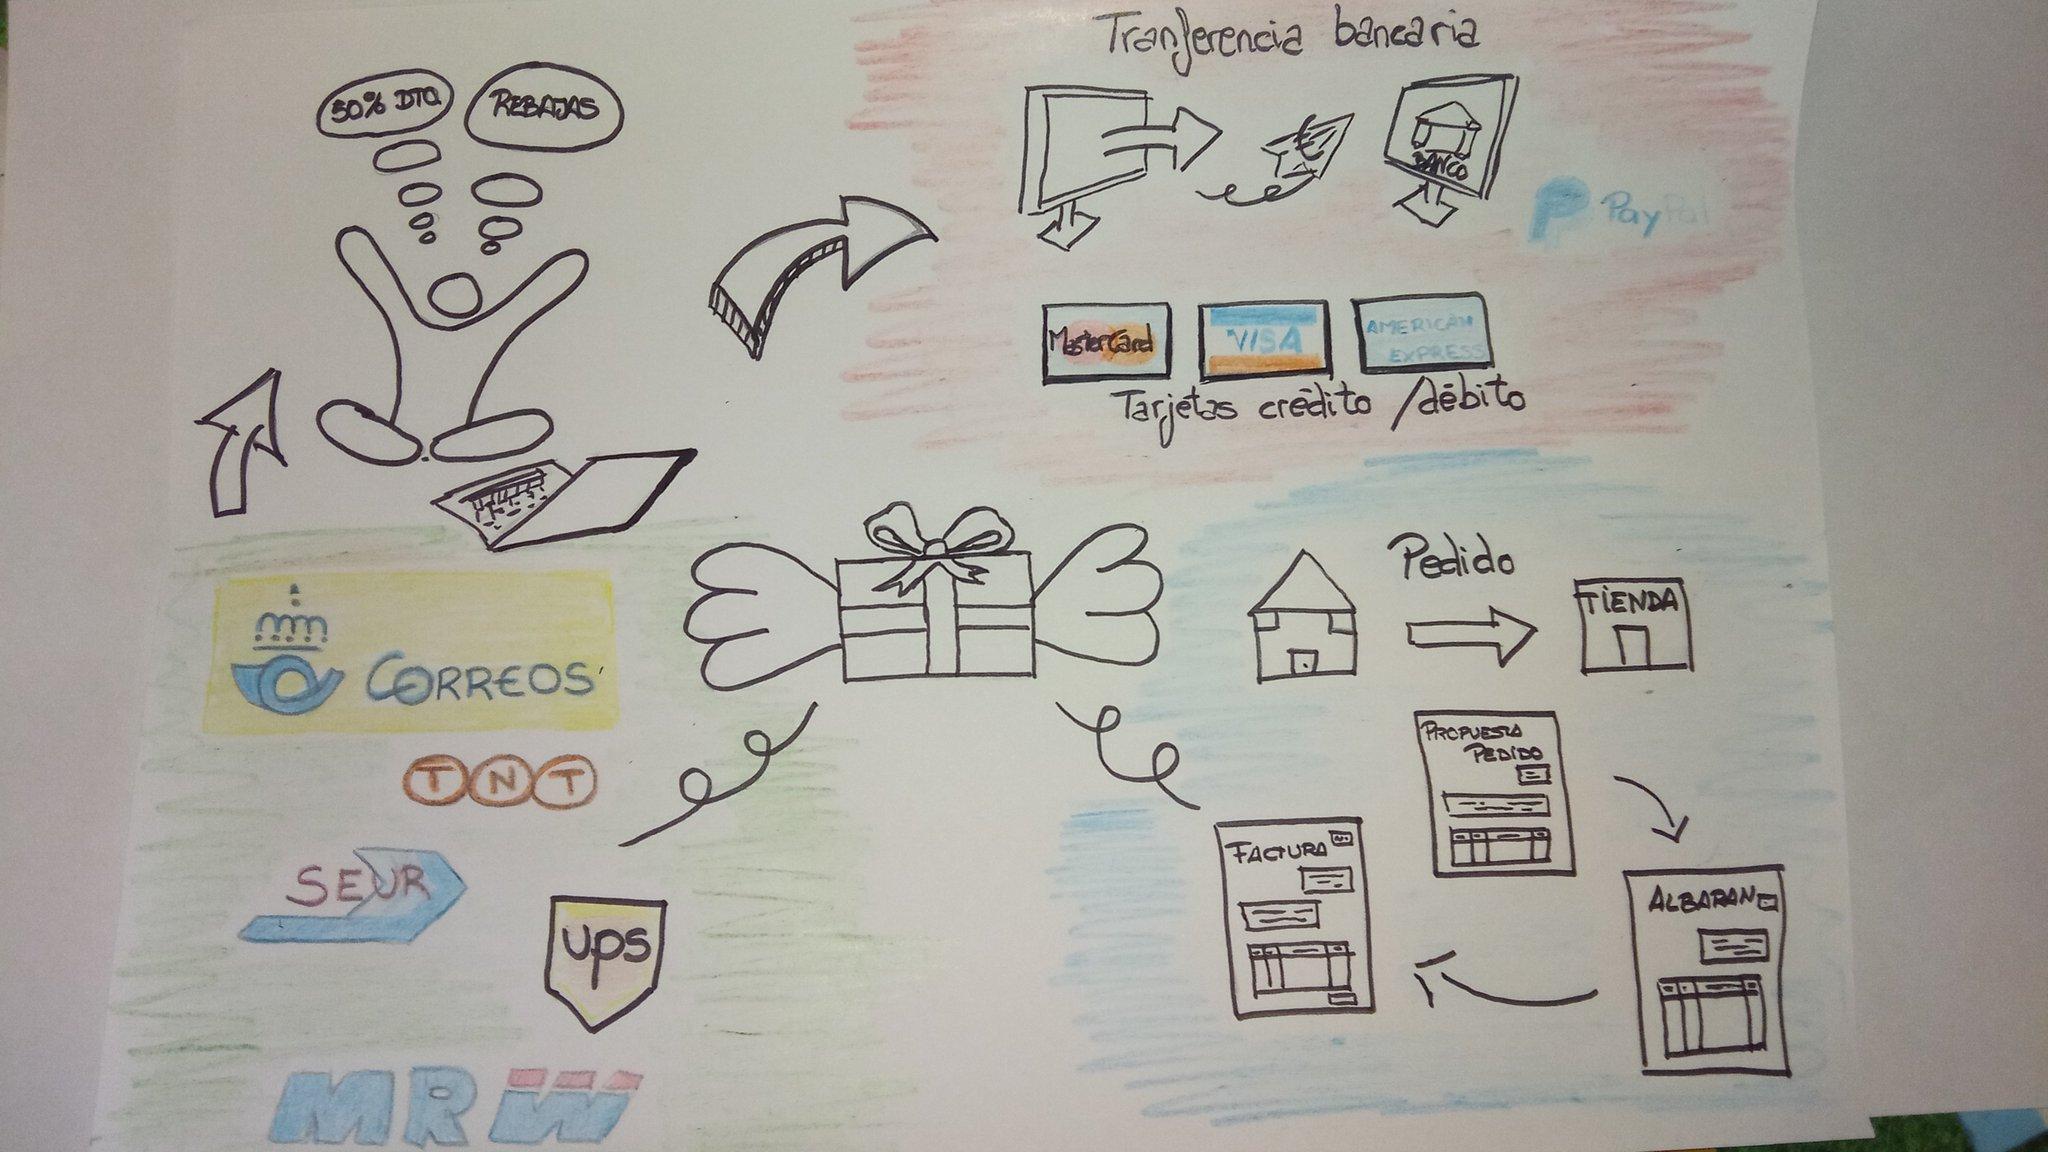 Noocintef Visualiza pensamientos e ideas. #PensarVisual #educalab. Deseando ponerlo en práctica con los alumnos.Te enseña a aclarar tu mente https://t.co/GEv8JX0Keh